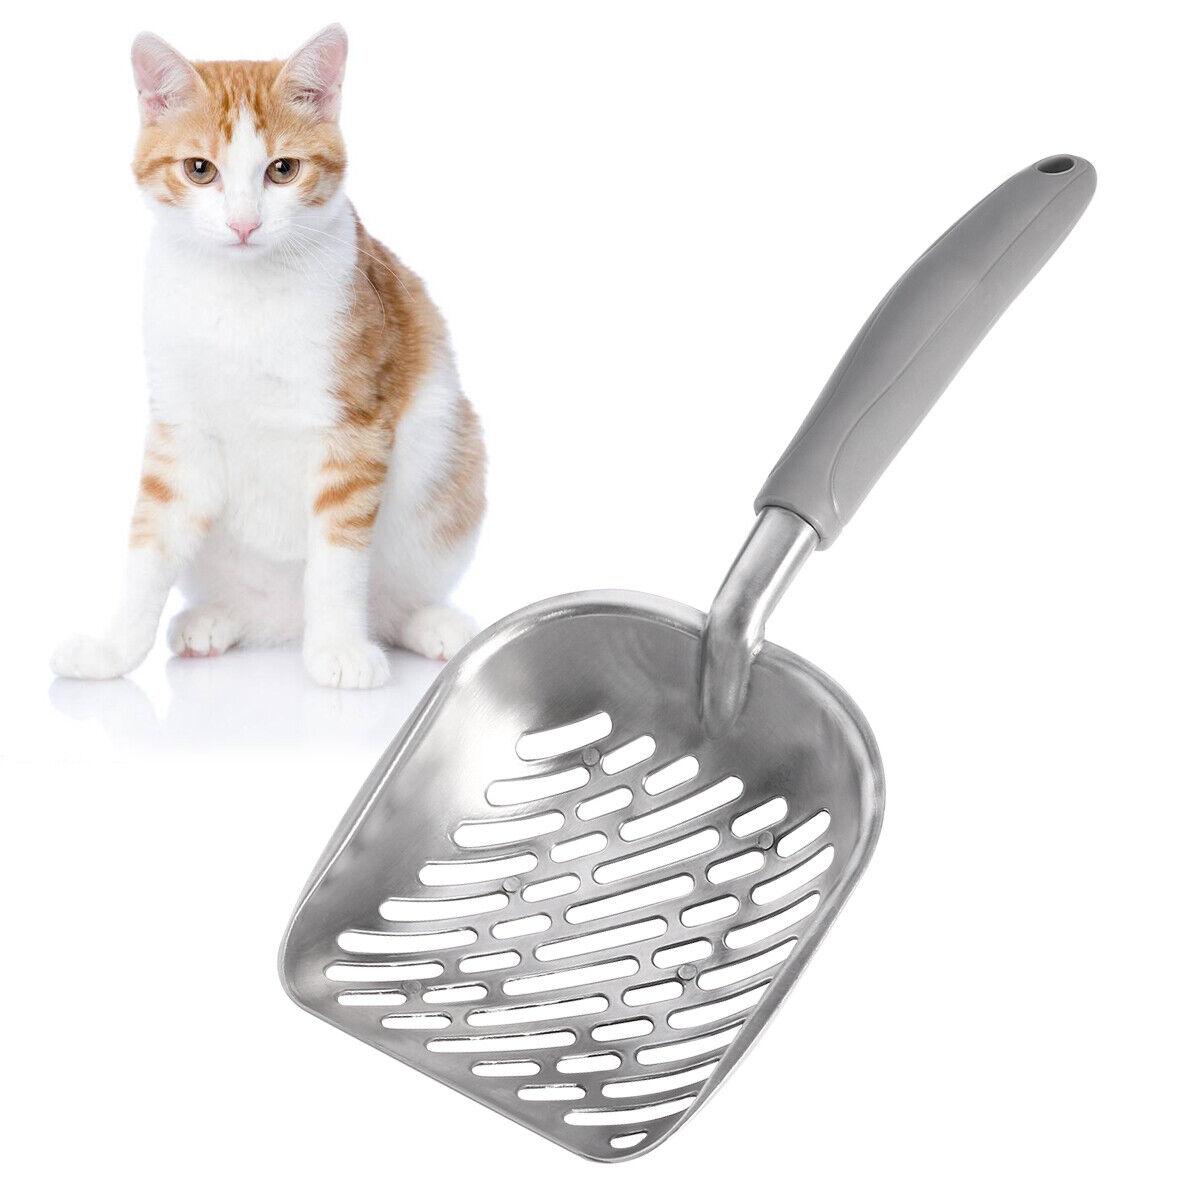 UEETEK Pet Kitty Dog Cat Litter Scooper Metal Pet Cat Poop Shovel with Long Handle